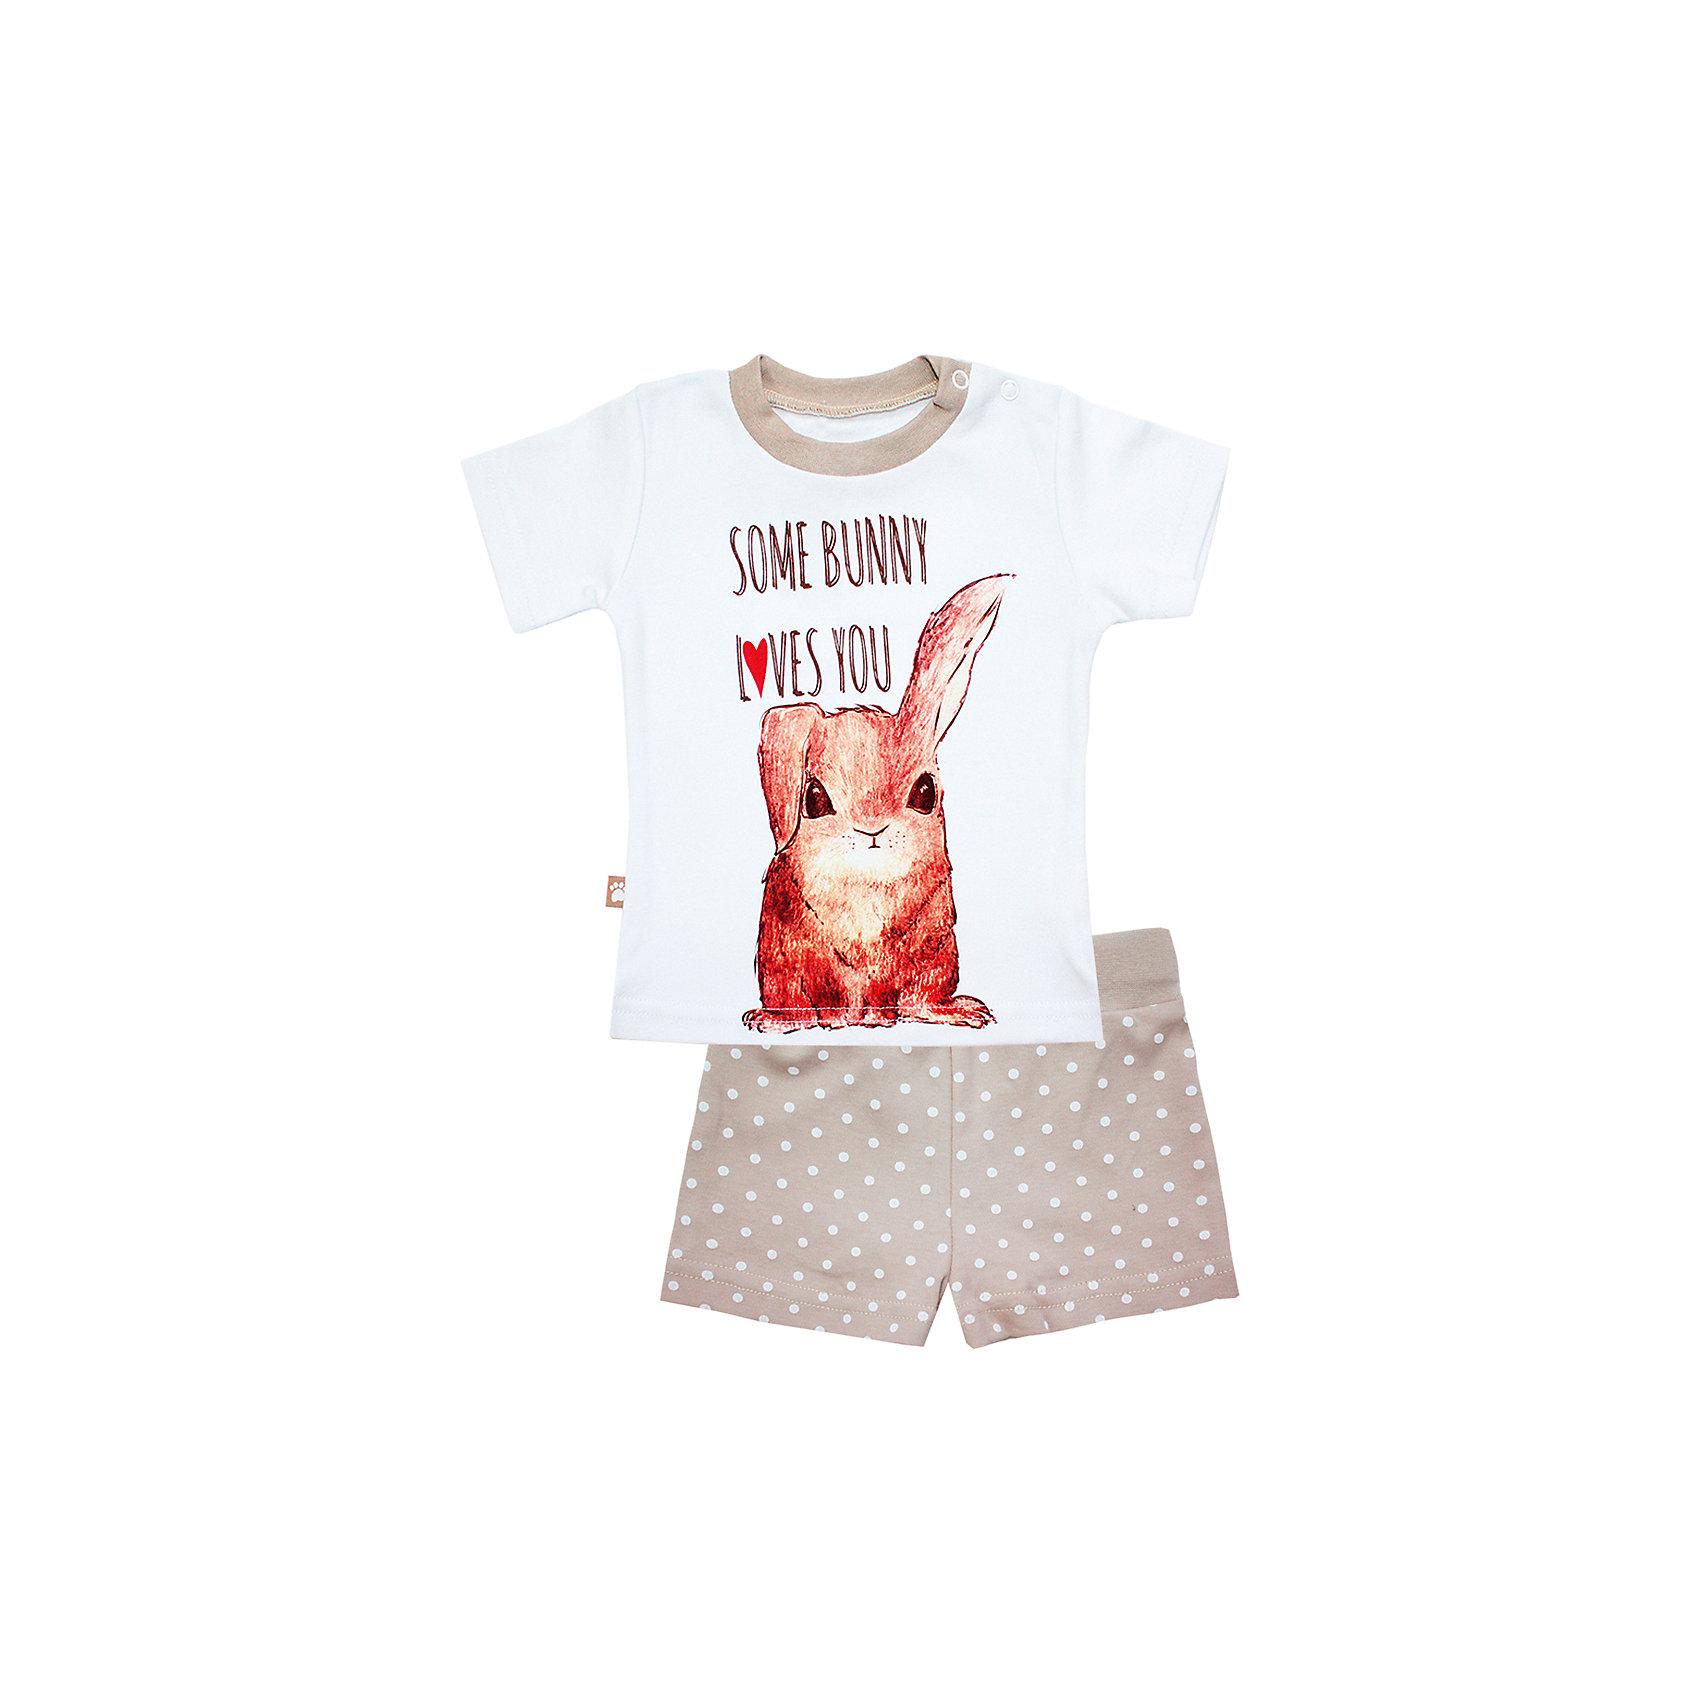 Пижама: футболка и шорты для девочки KotMarKotПижамы и сорочки<br>Пижама: футболка и шорты для девочки от известного бренда KotMarKot<br>Состав:<br>100% хлопок<br><br>Ширина мм: 281<br>Глубина мм: 70<br>Высота мм: 188<br>Вес г: 295<br>Цвет: бежевый<br>Возраст от месяцев: 24<br>Возраст до месяцев: 36<br>Пол: Женский<br>Возраст: Детский<br>Размер: 98,116,92,122,104,110<br>SKU: 4873281